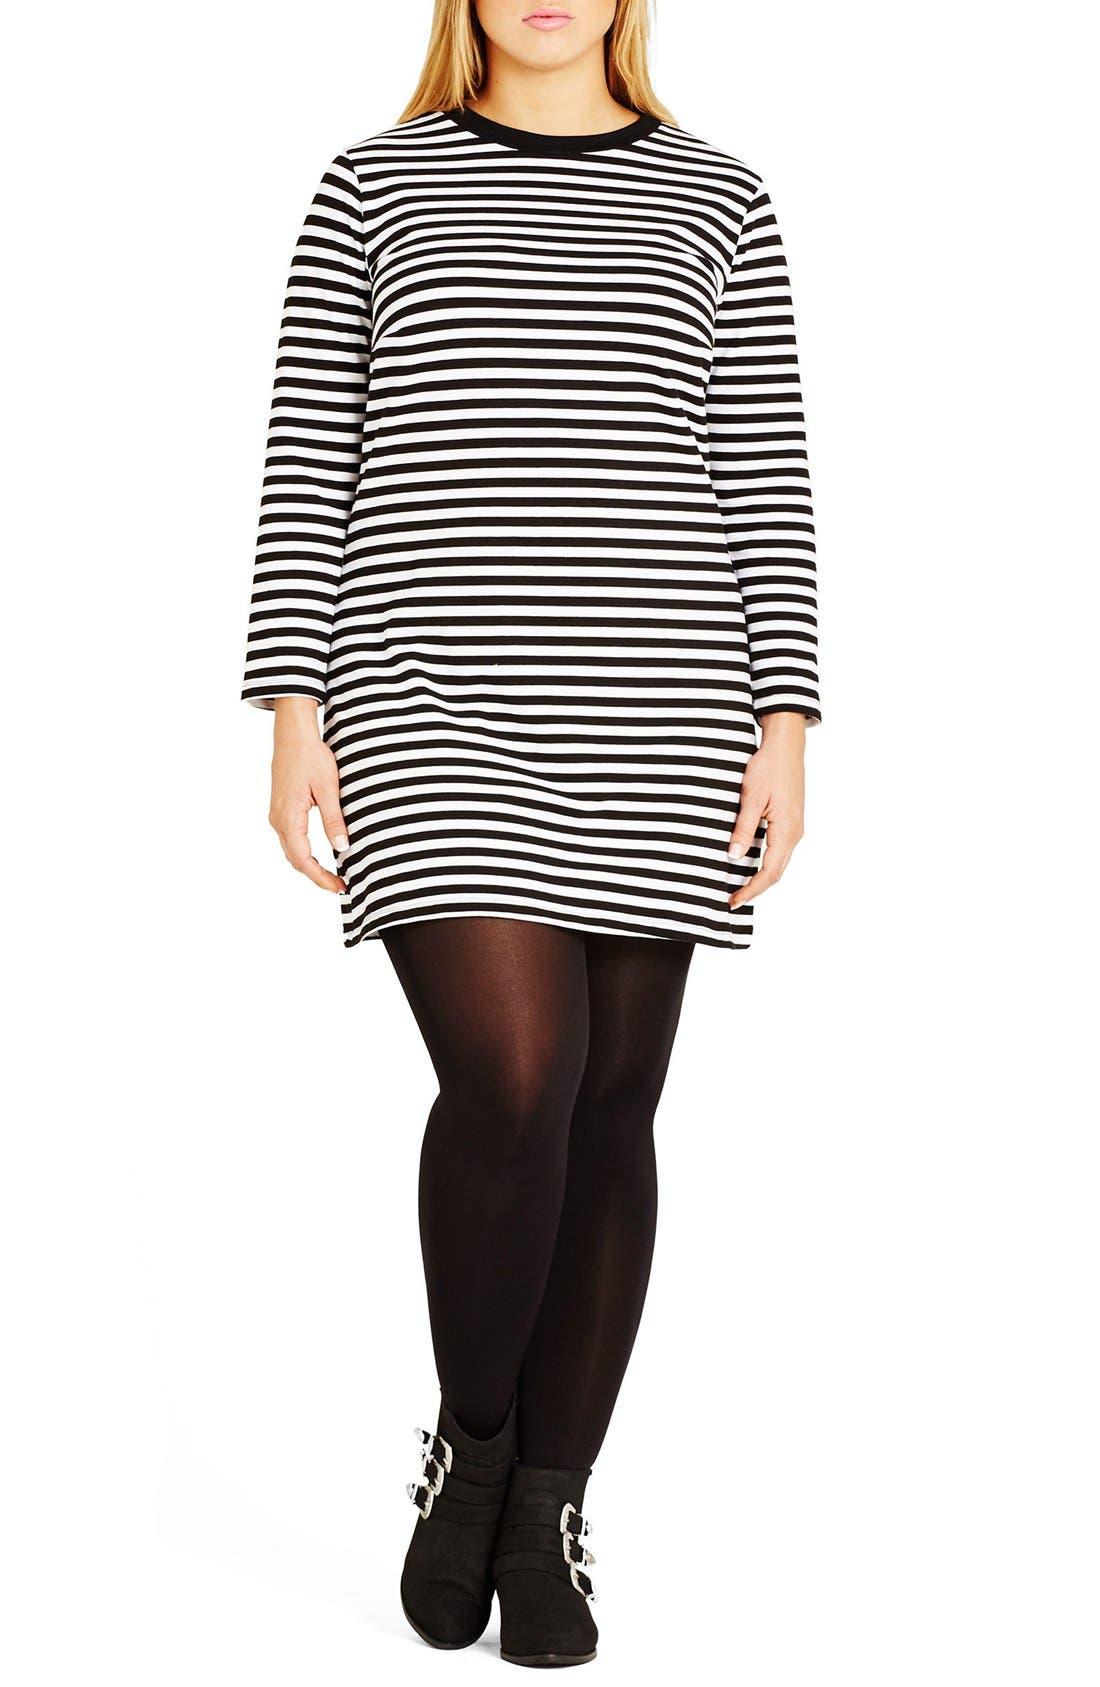 City Chic 'Mono Magic' Stripe Stretch Cotton Tunic (Plus SIze)